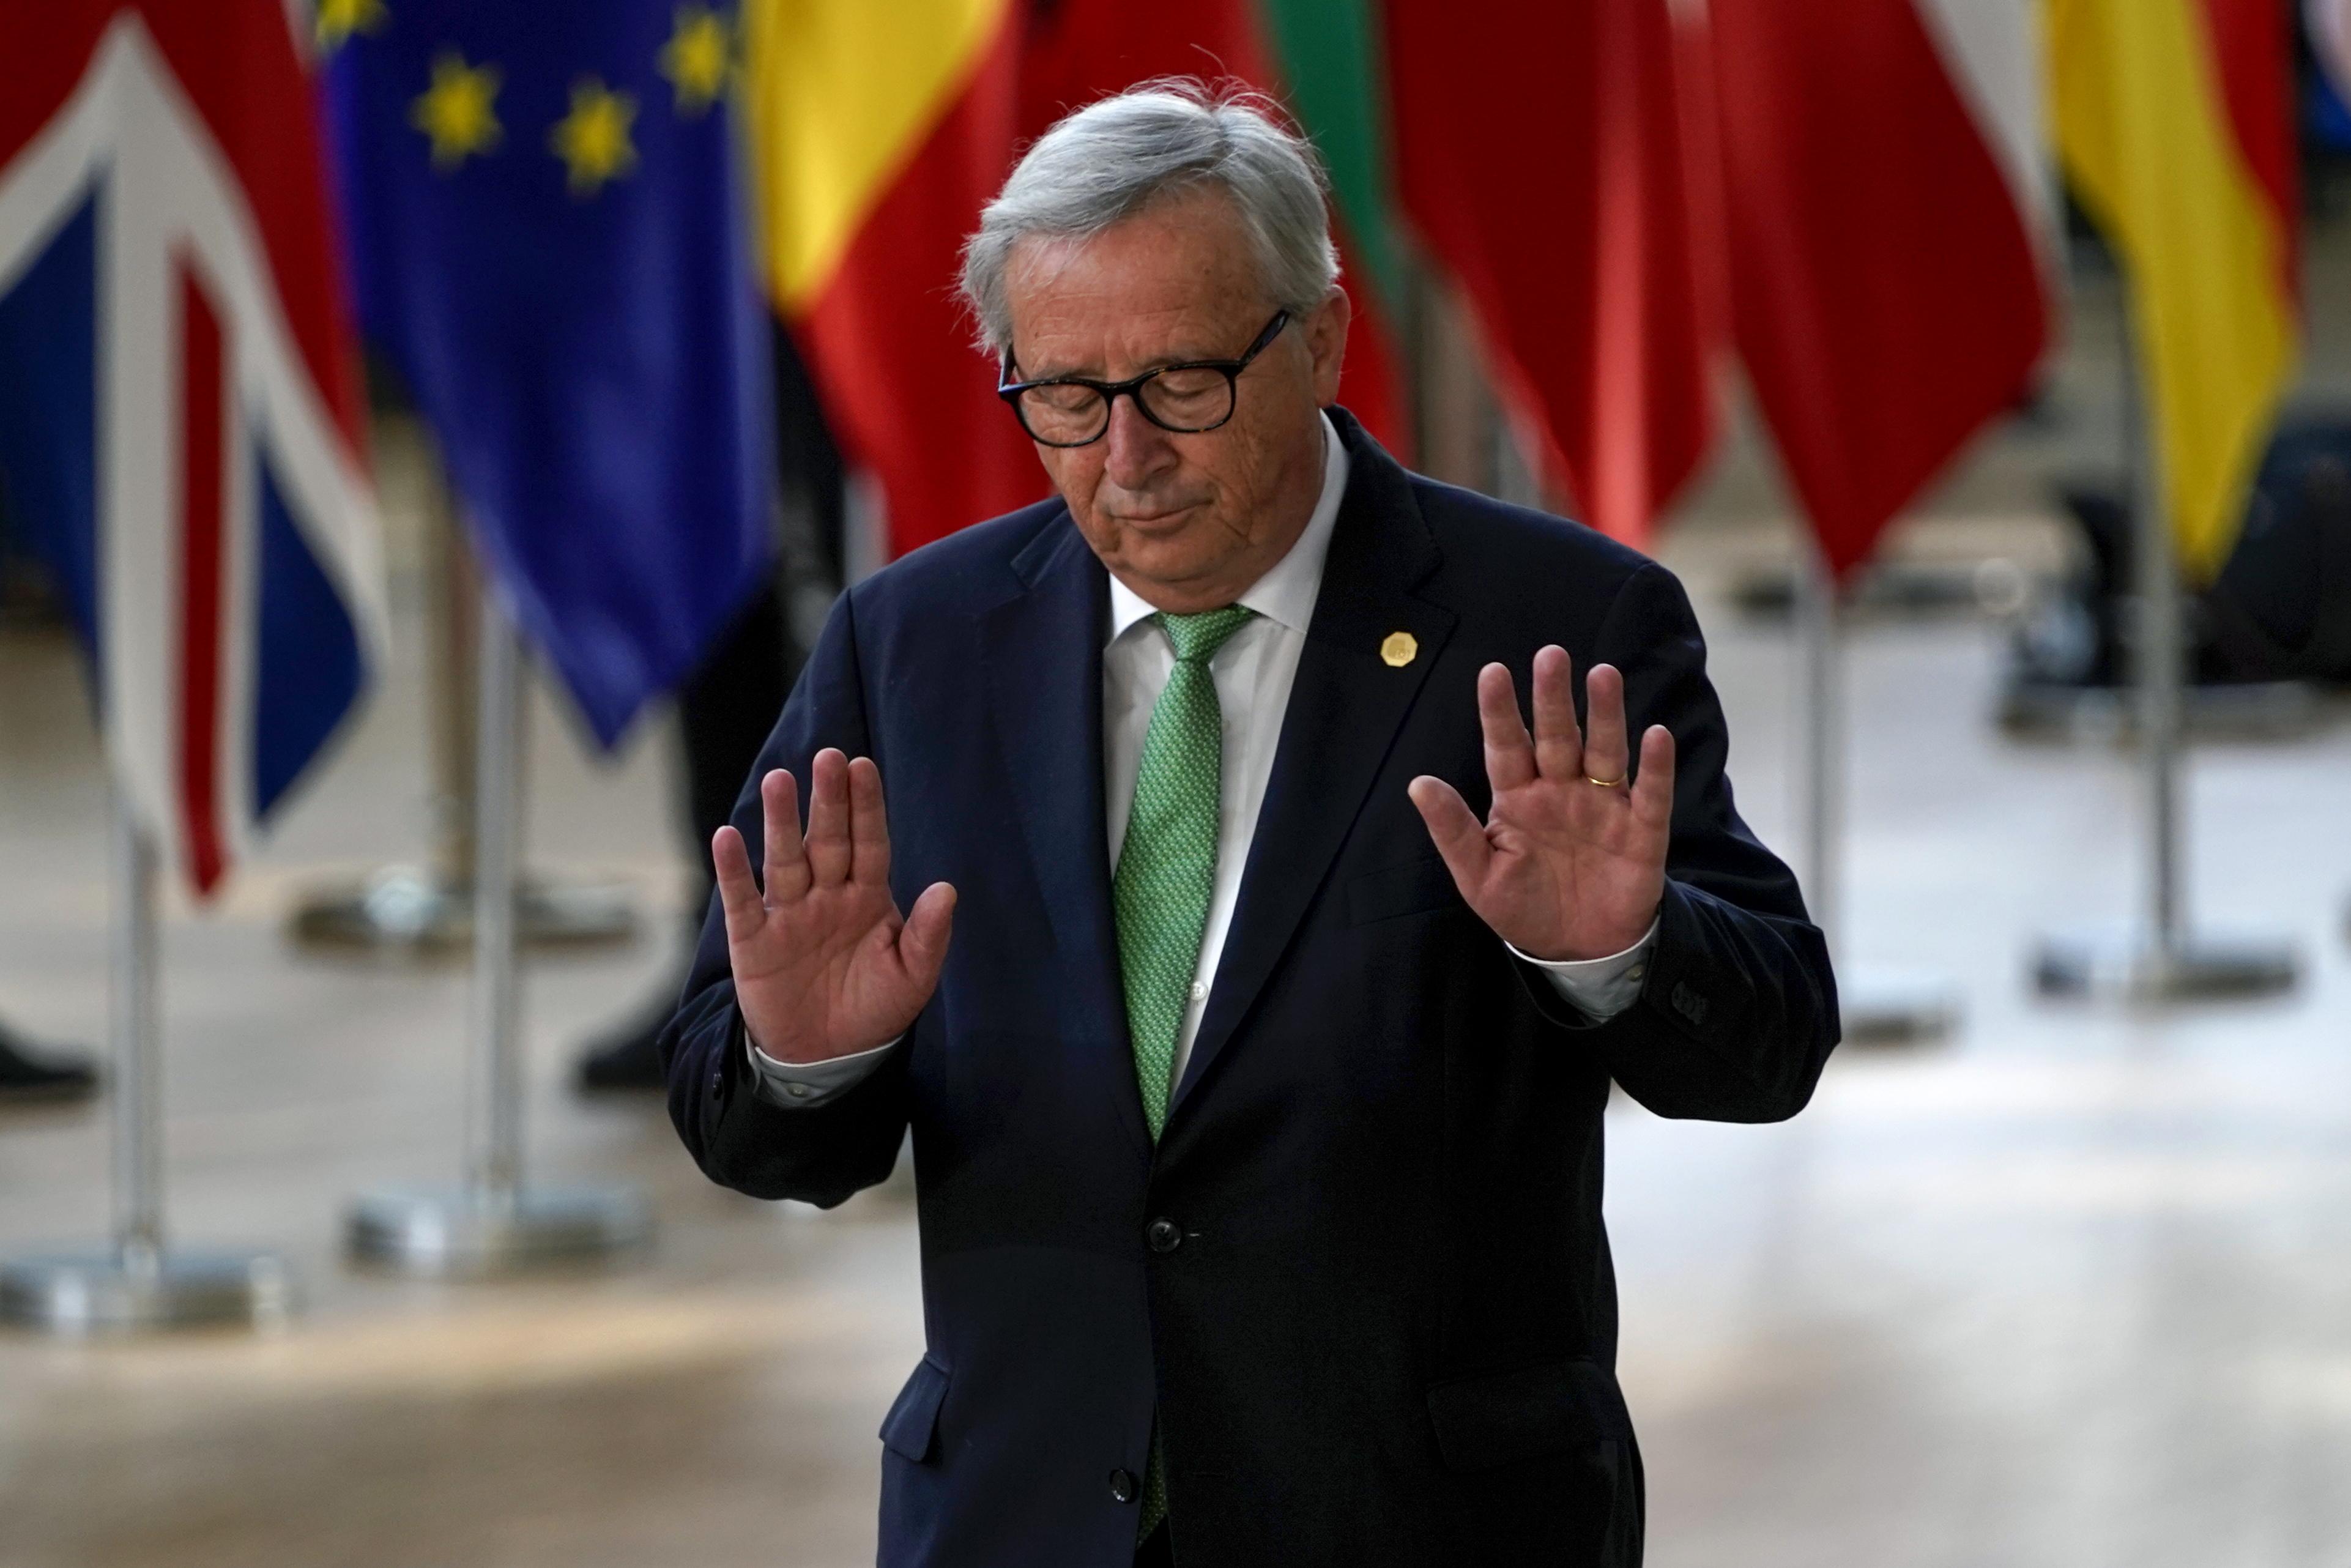 Sürgősen meg kell műteni Junckert